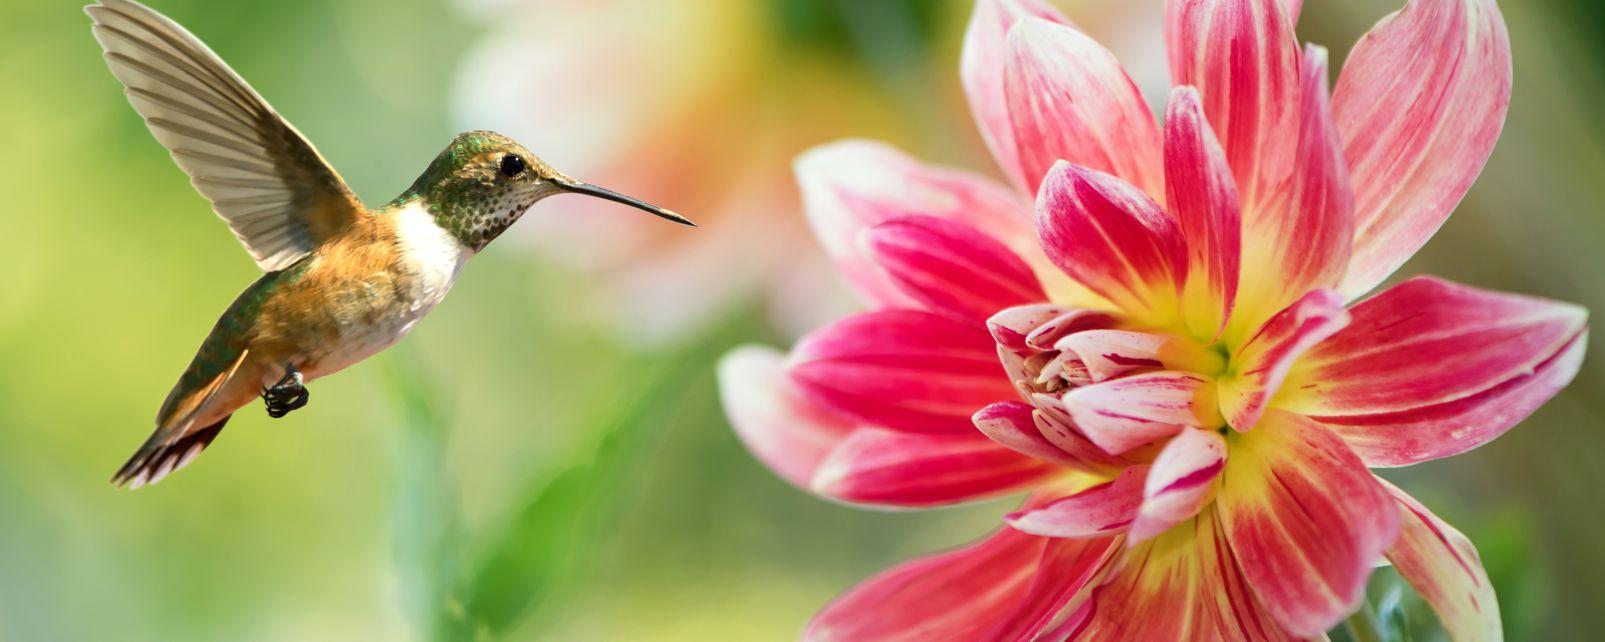 La faune et la flore, grande-terre, petite-terre, mayotte, afrique, océan indien, mahoré, faune, animal, oiseau, oiseau-mouche, colibri, fleur, flore